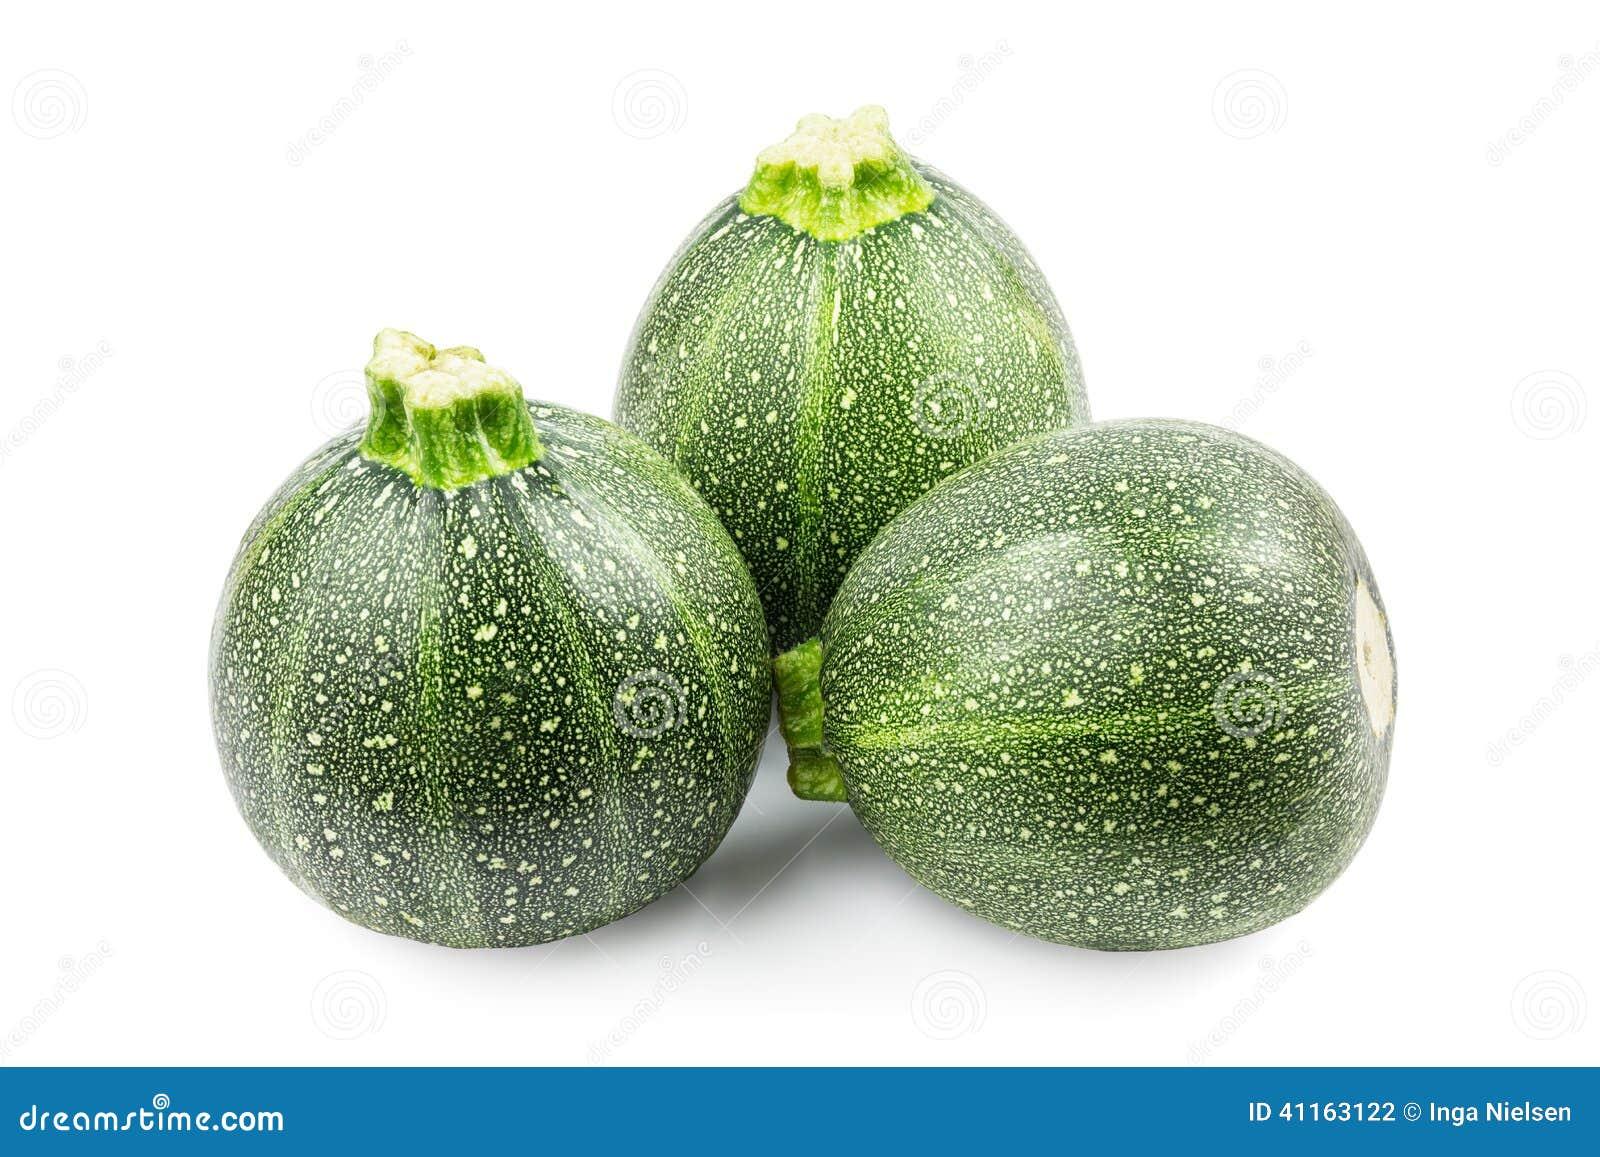 runde zucchini stockfoto bild von gr n k rbis gem se 41163122. Black Bedroom Furniture Sets. Home Design Ideas